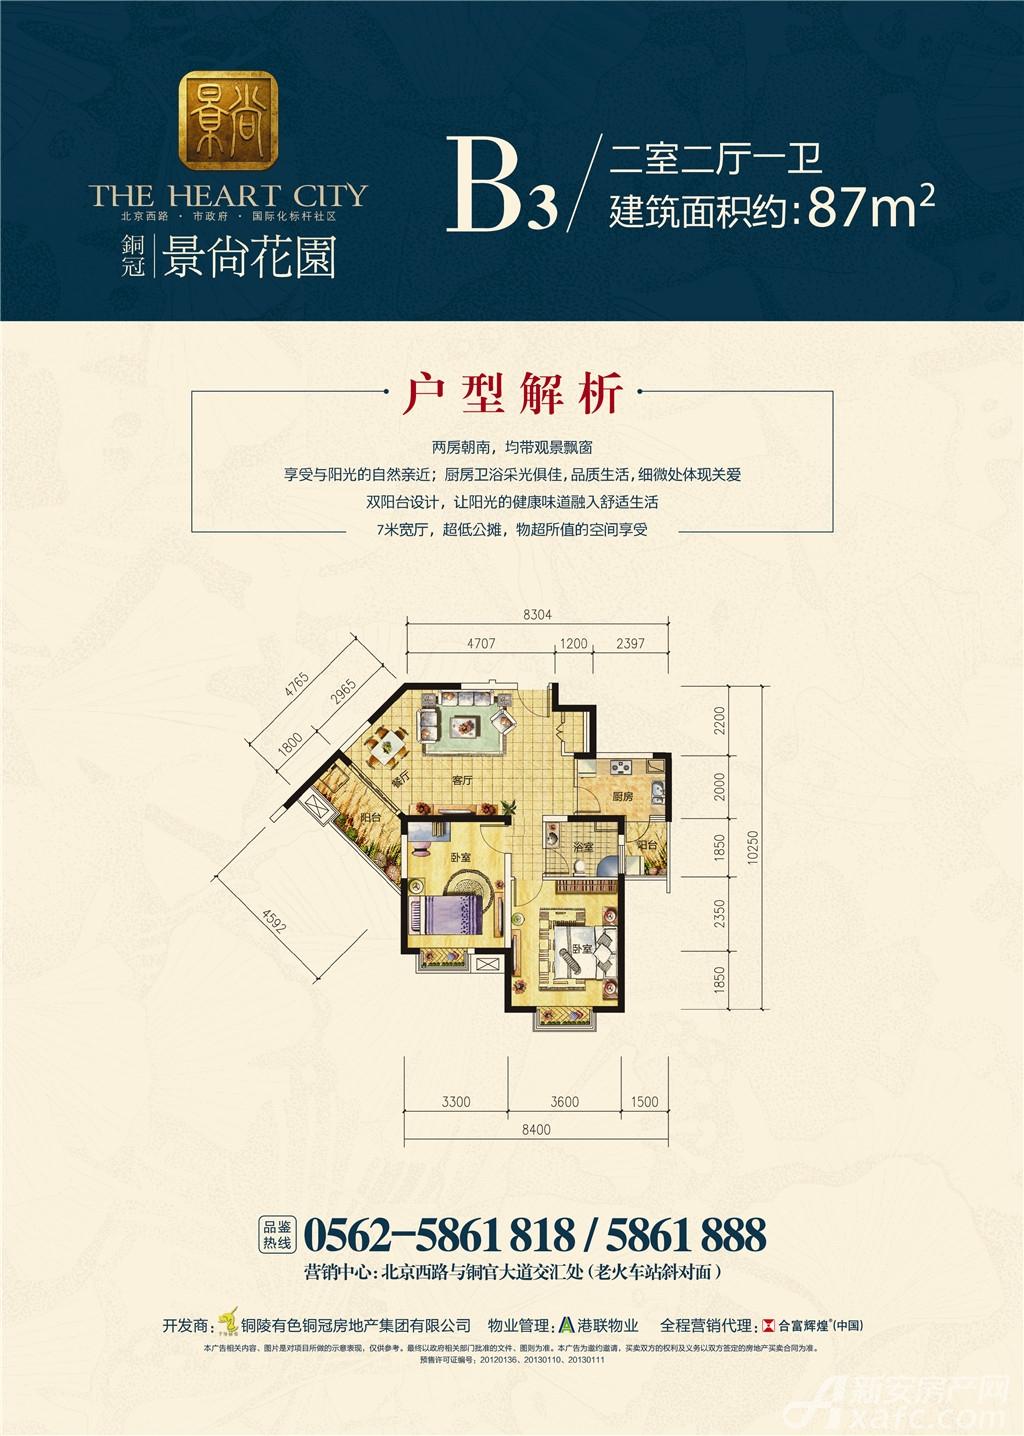 铜冠景尚花园B3户型2室2厅87平米